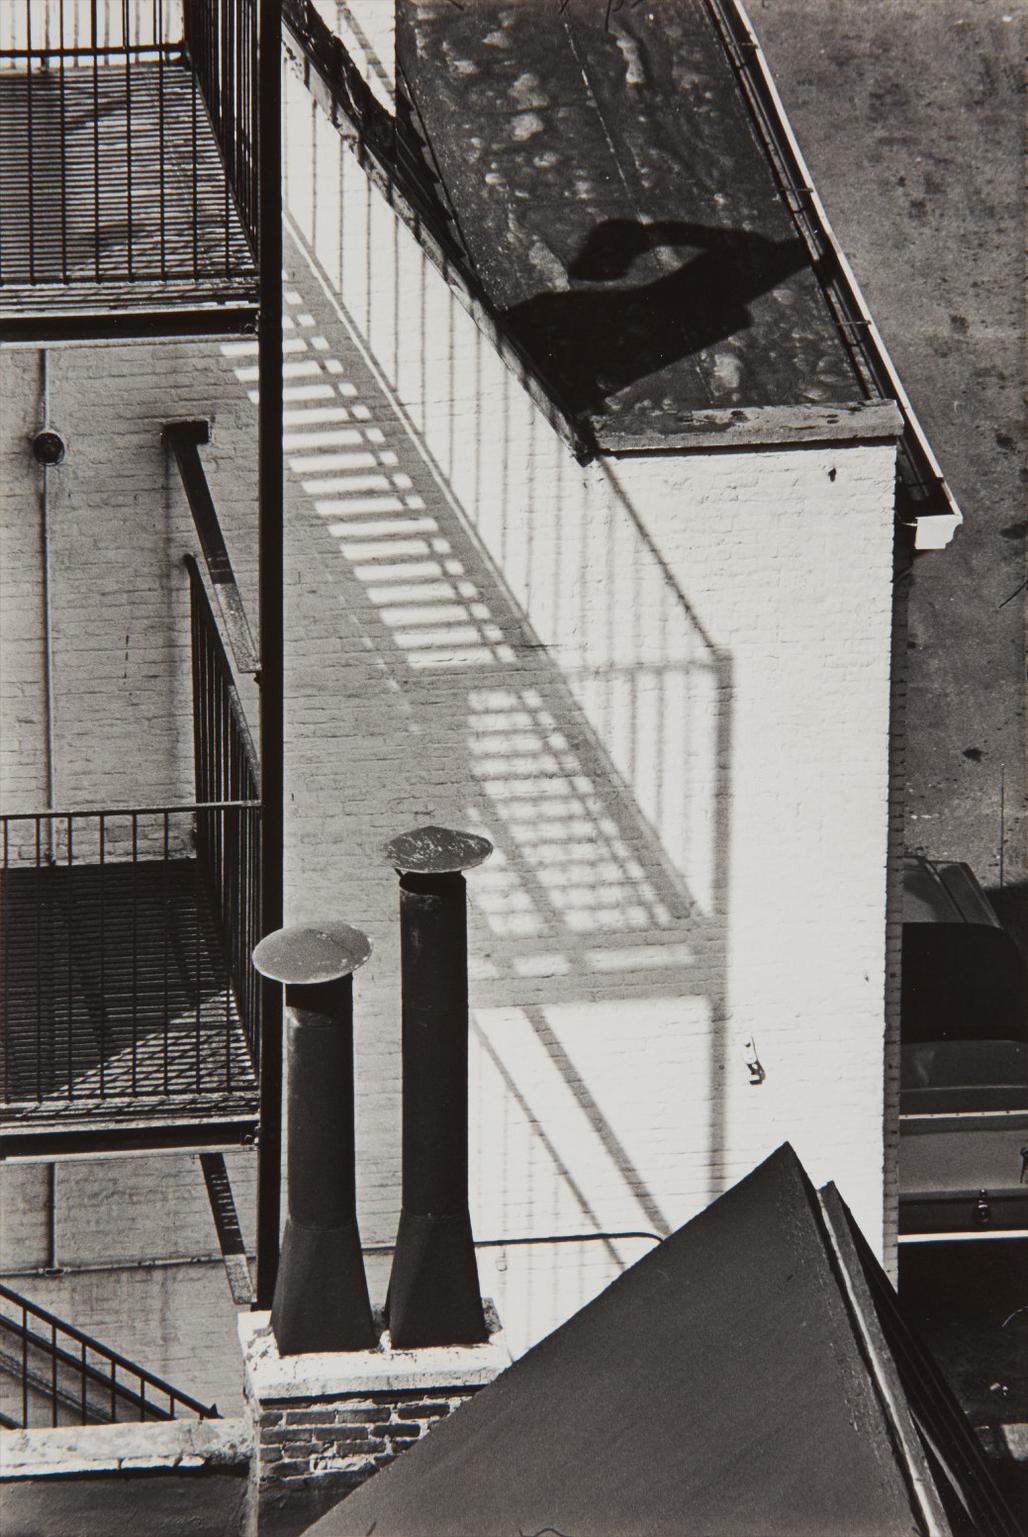 Andre Kertesz-Chimney-1965